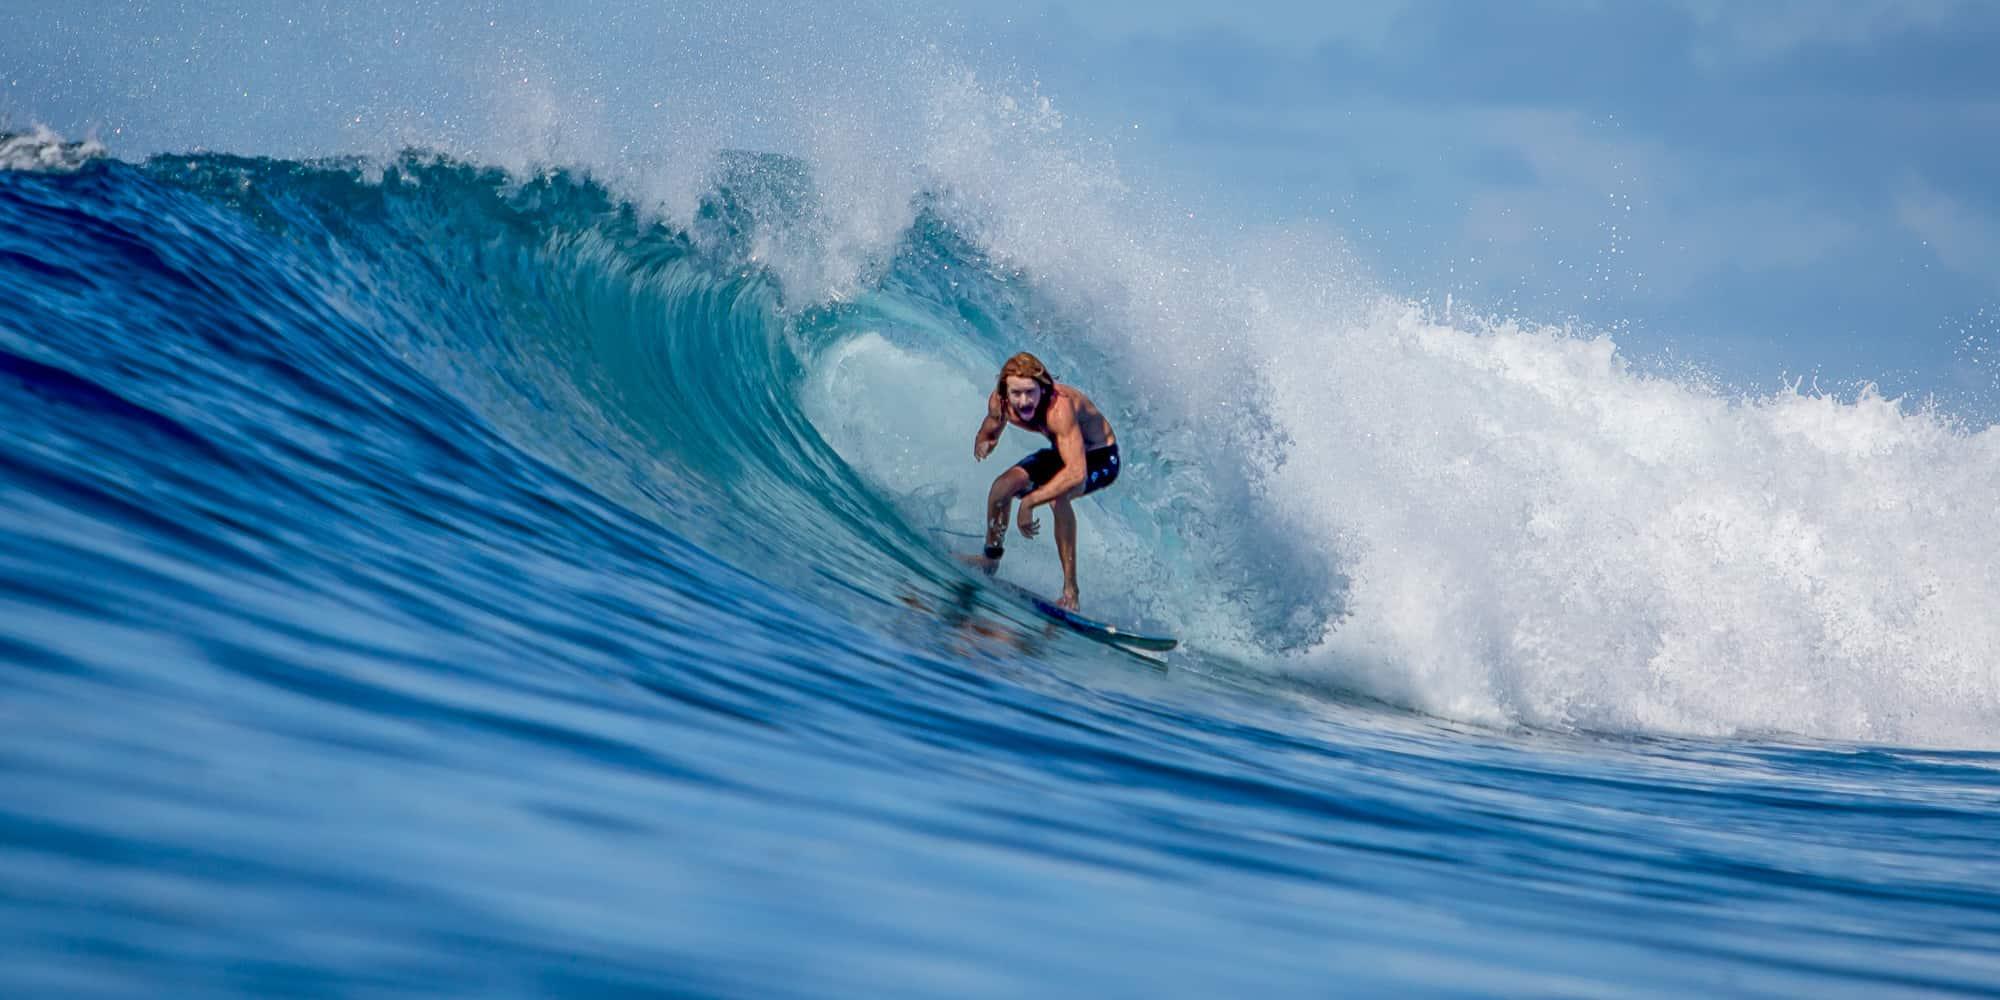 MIA m.i.a mentawai surf camp mentawai islands indonesia surf trip-16